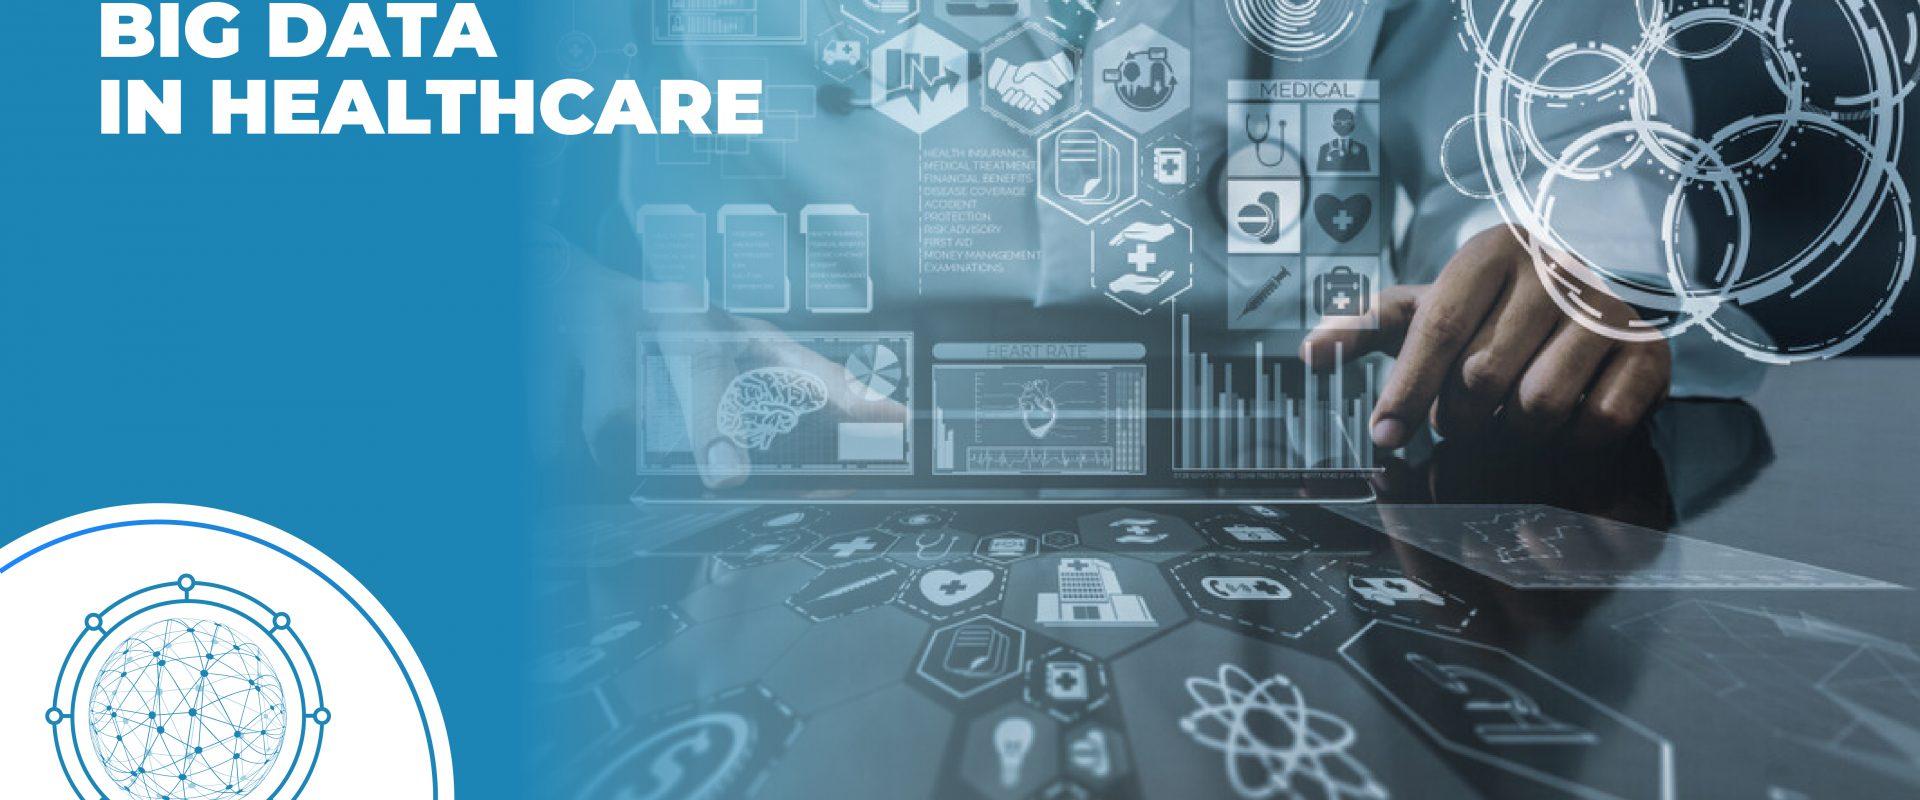 Big Data in Healthcare - Tech Magazine